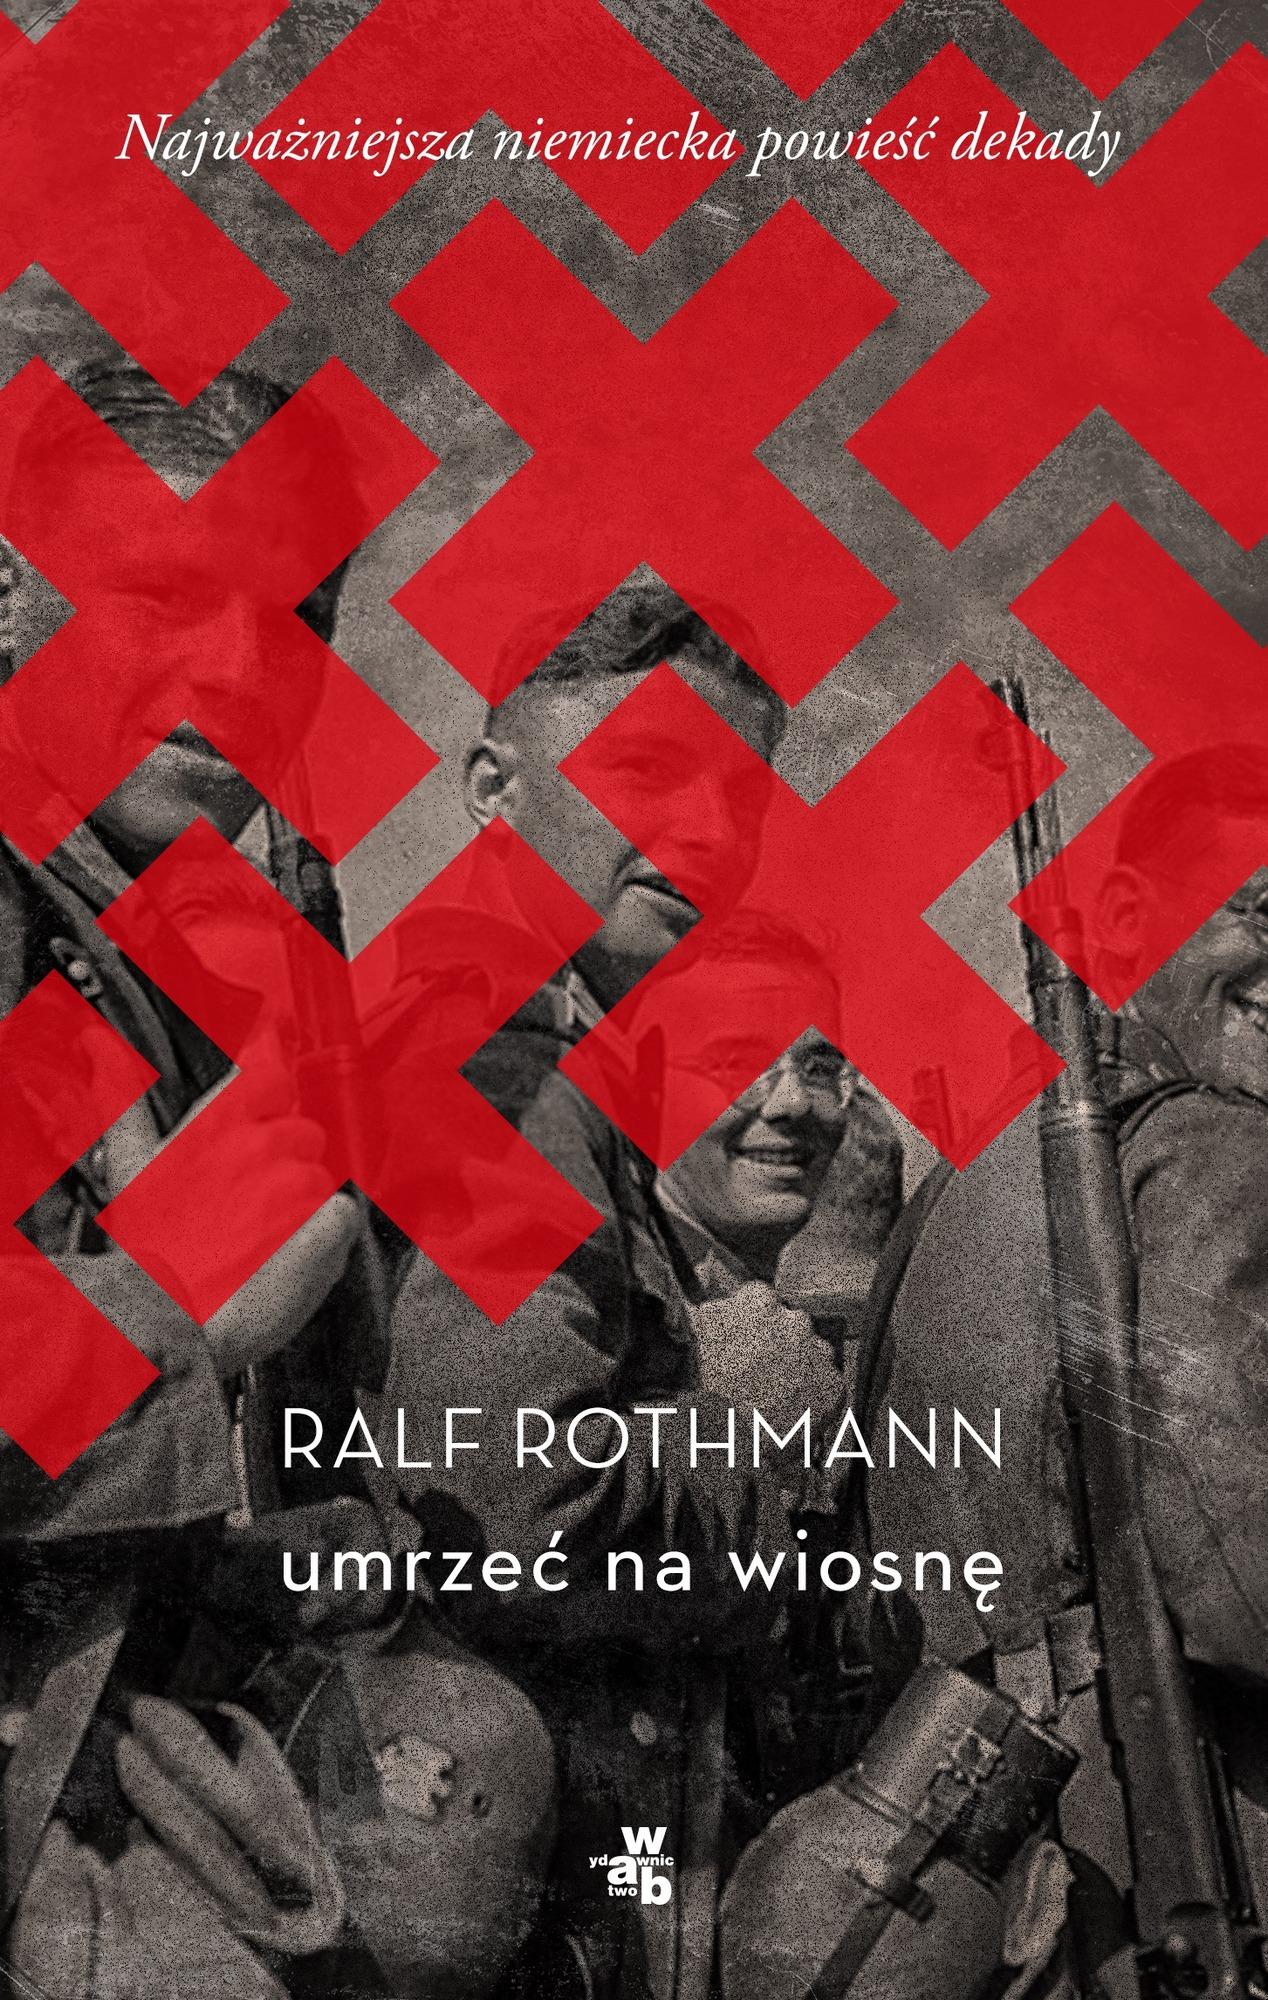 """Ralf Rothmann, """"Umrzeć na wiosnę"""" – okładka (źródło: materiały prasowe)"""